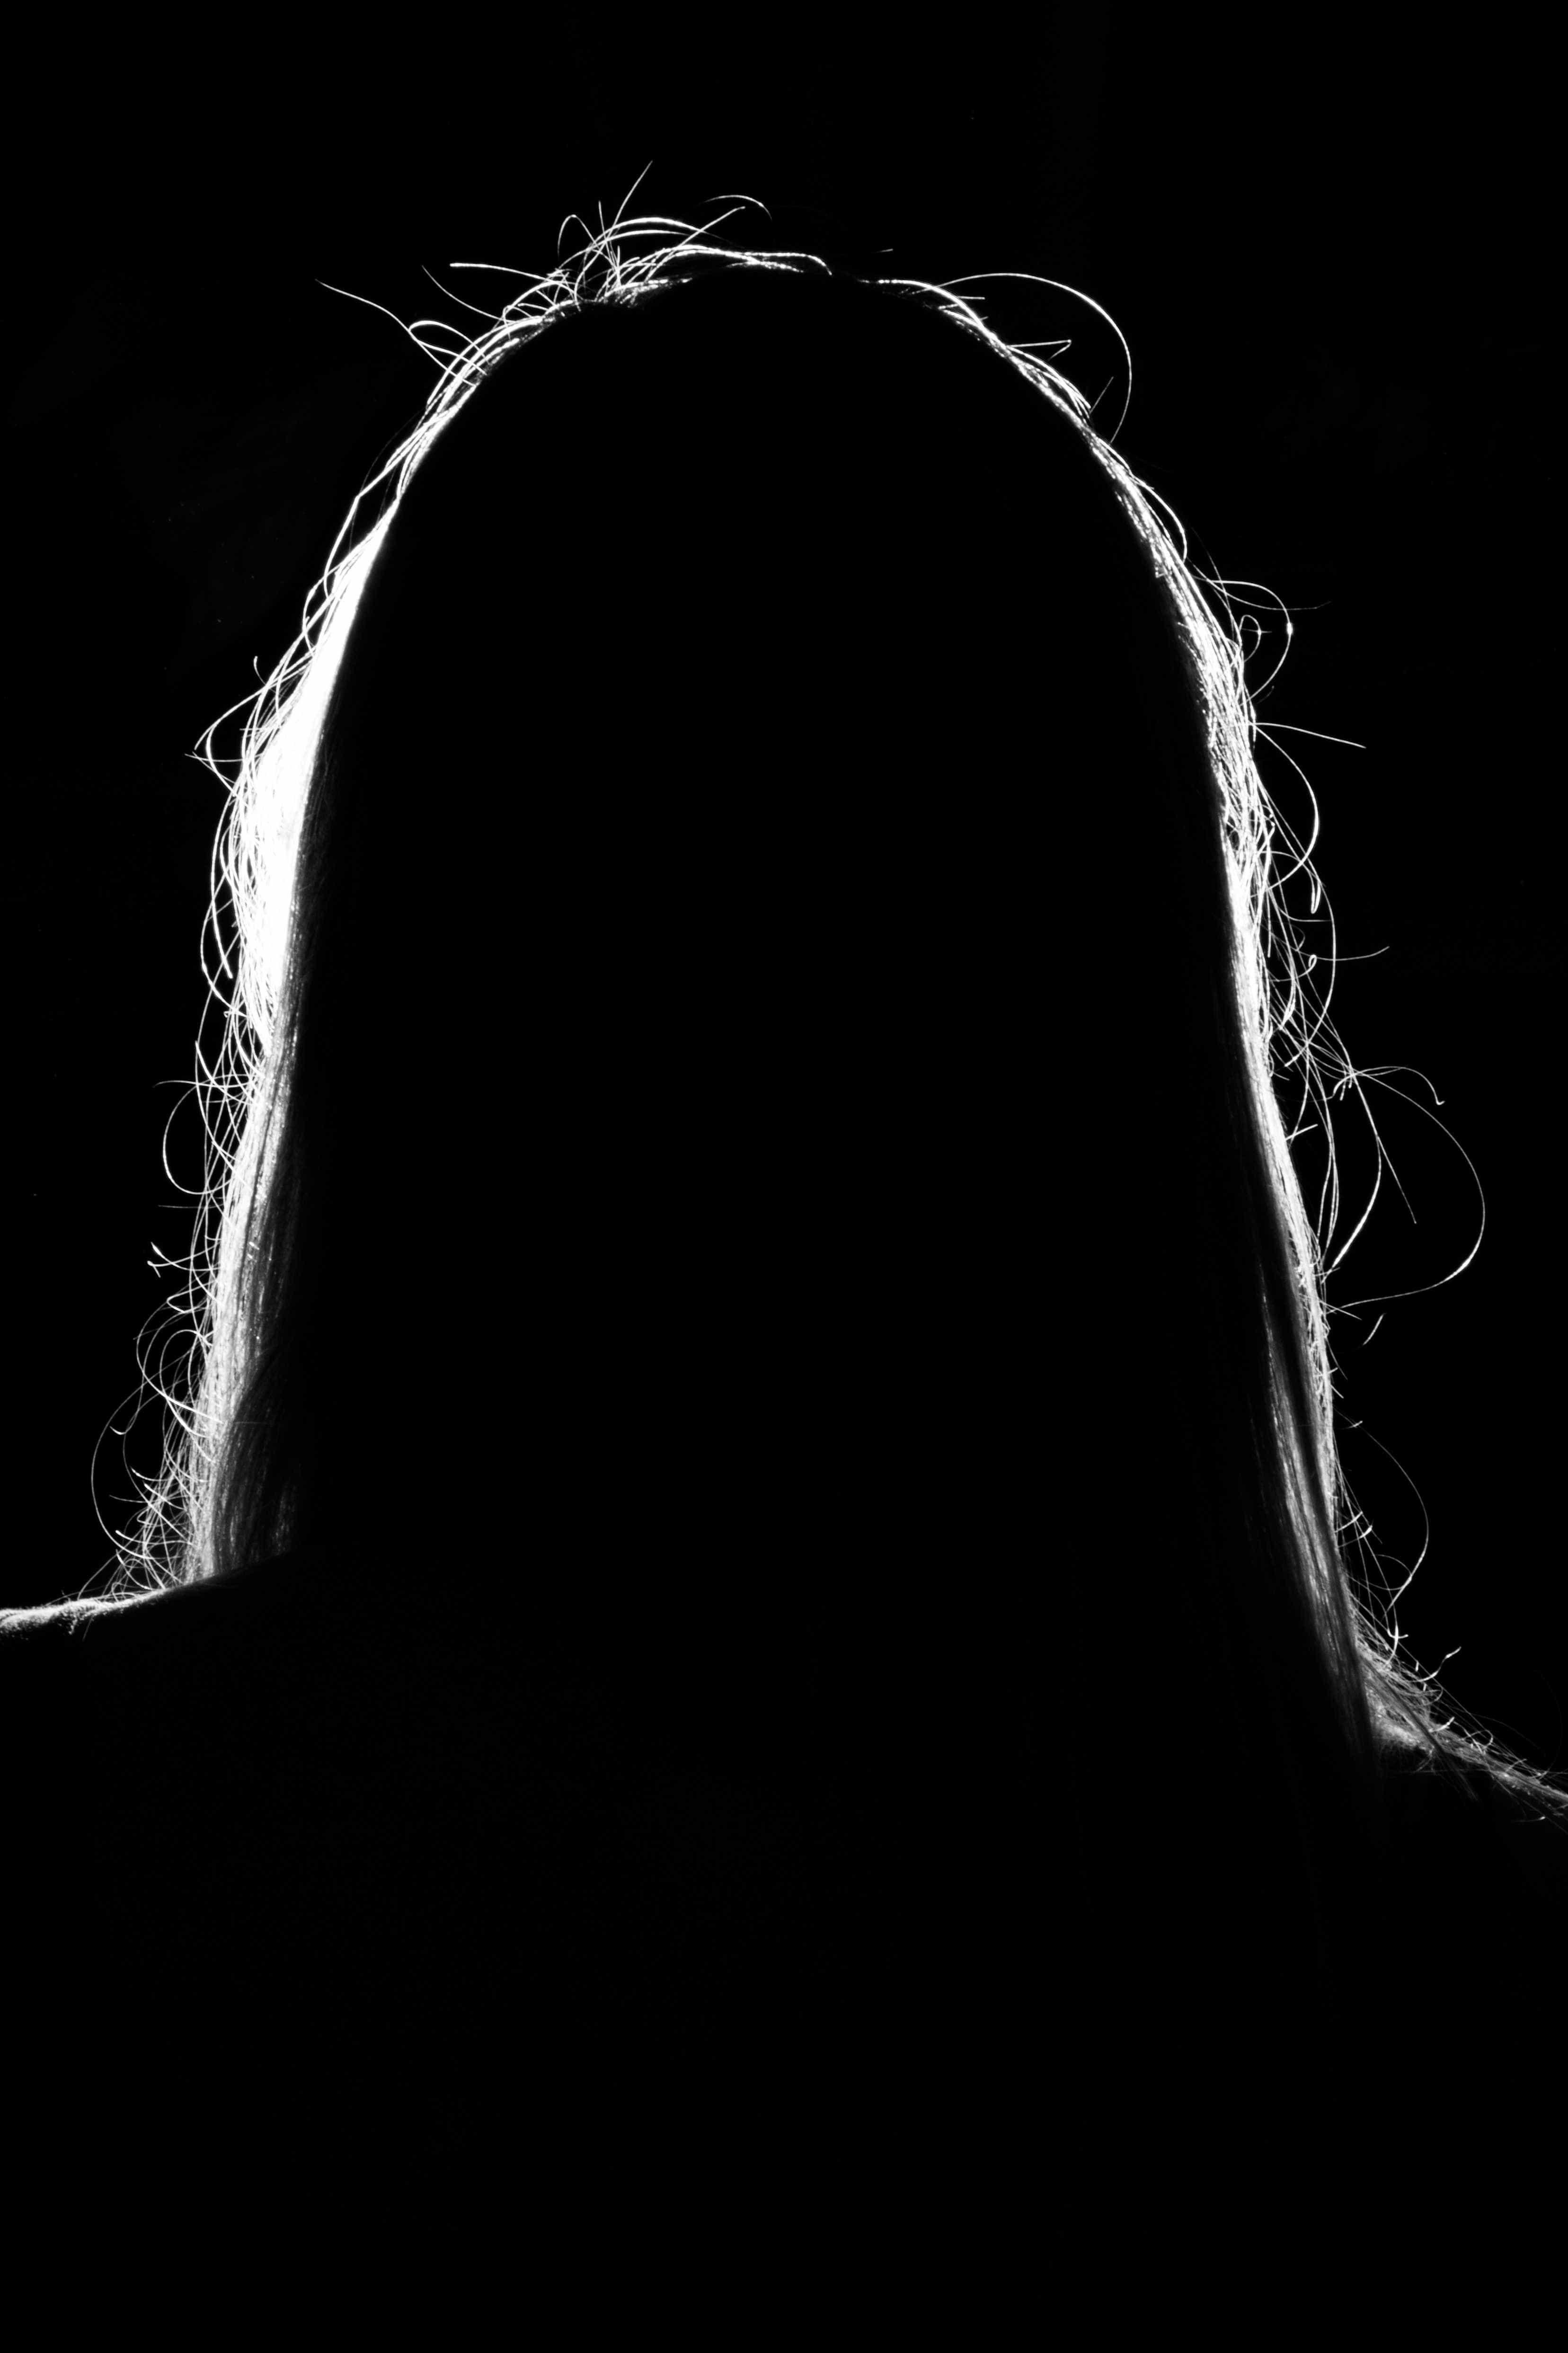 Homens invadem casa e espancam jovem de 18 anos até a morte em SP